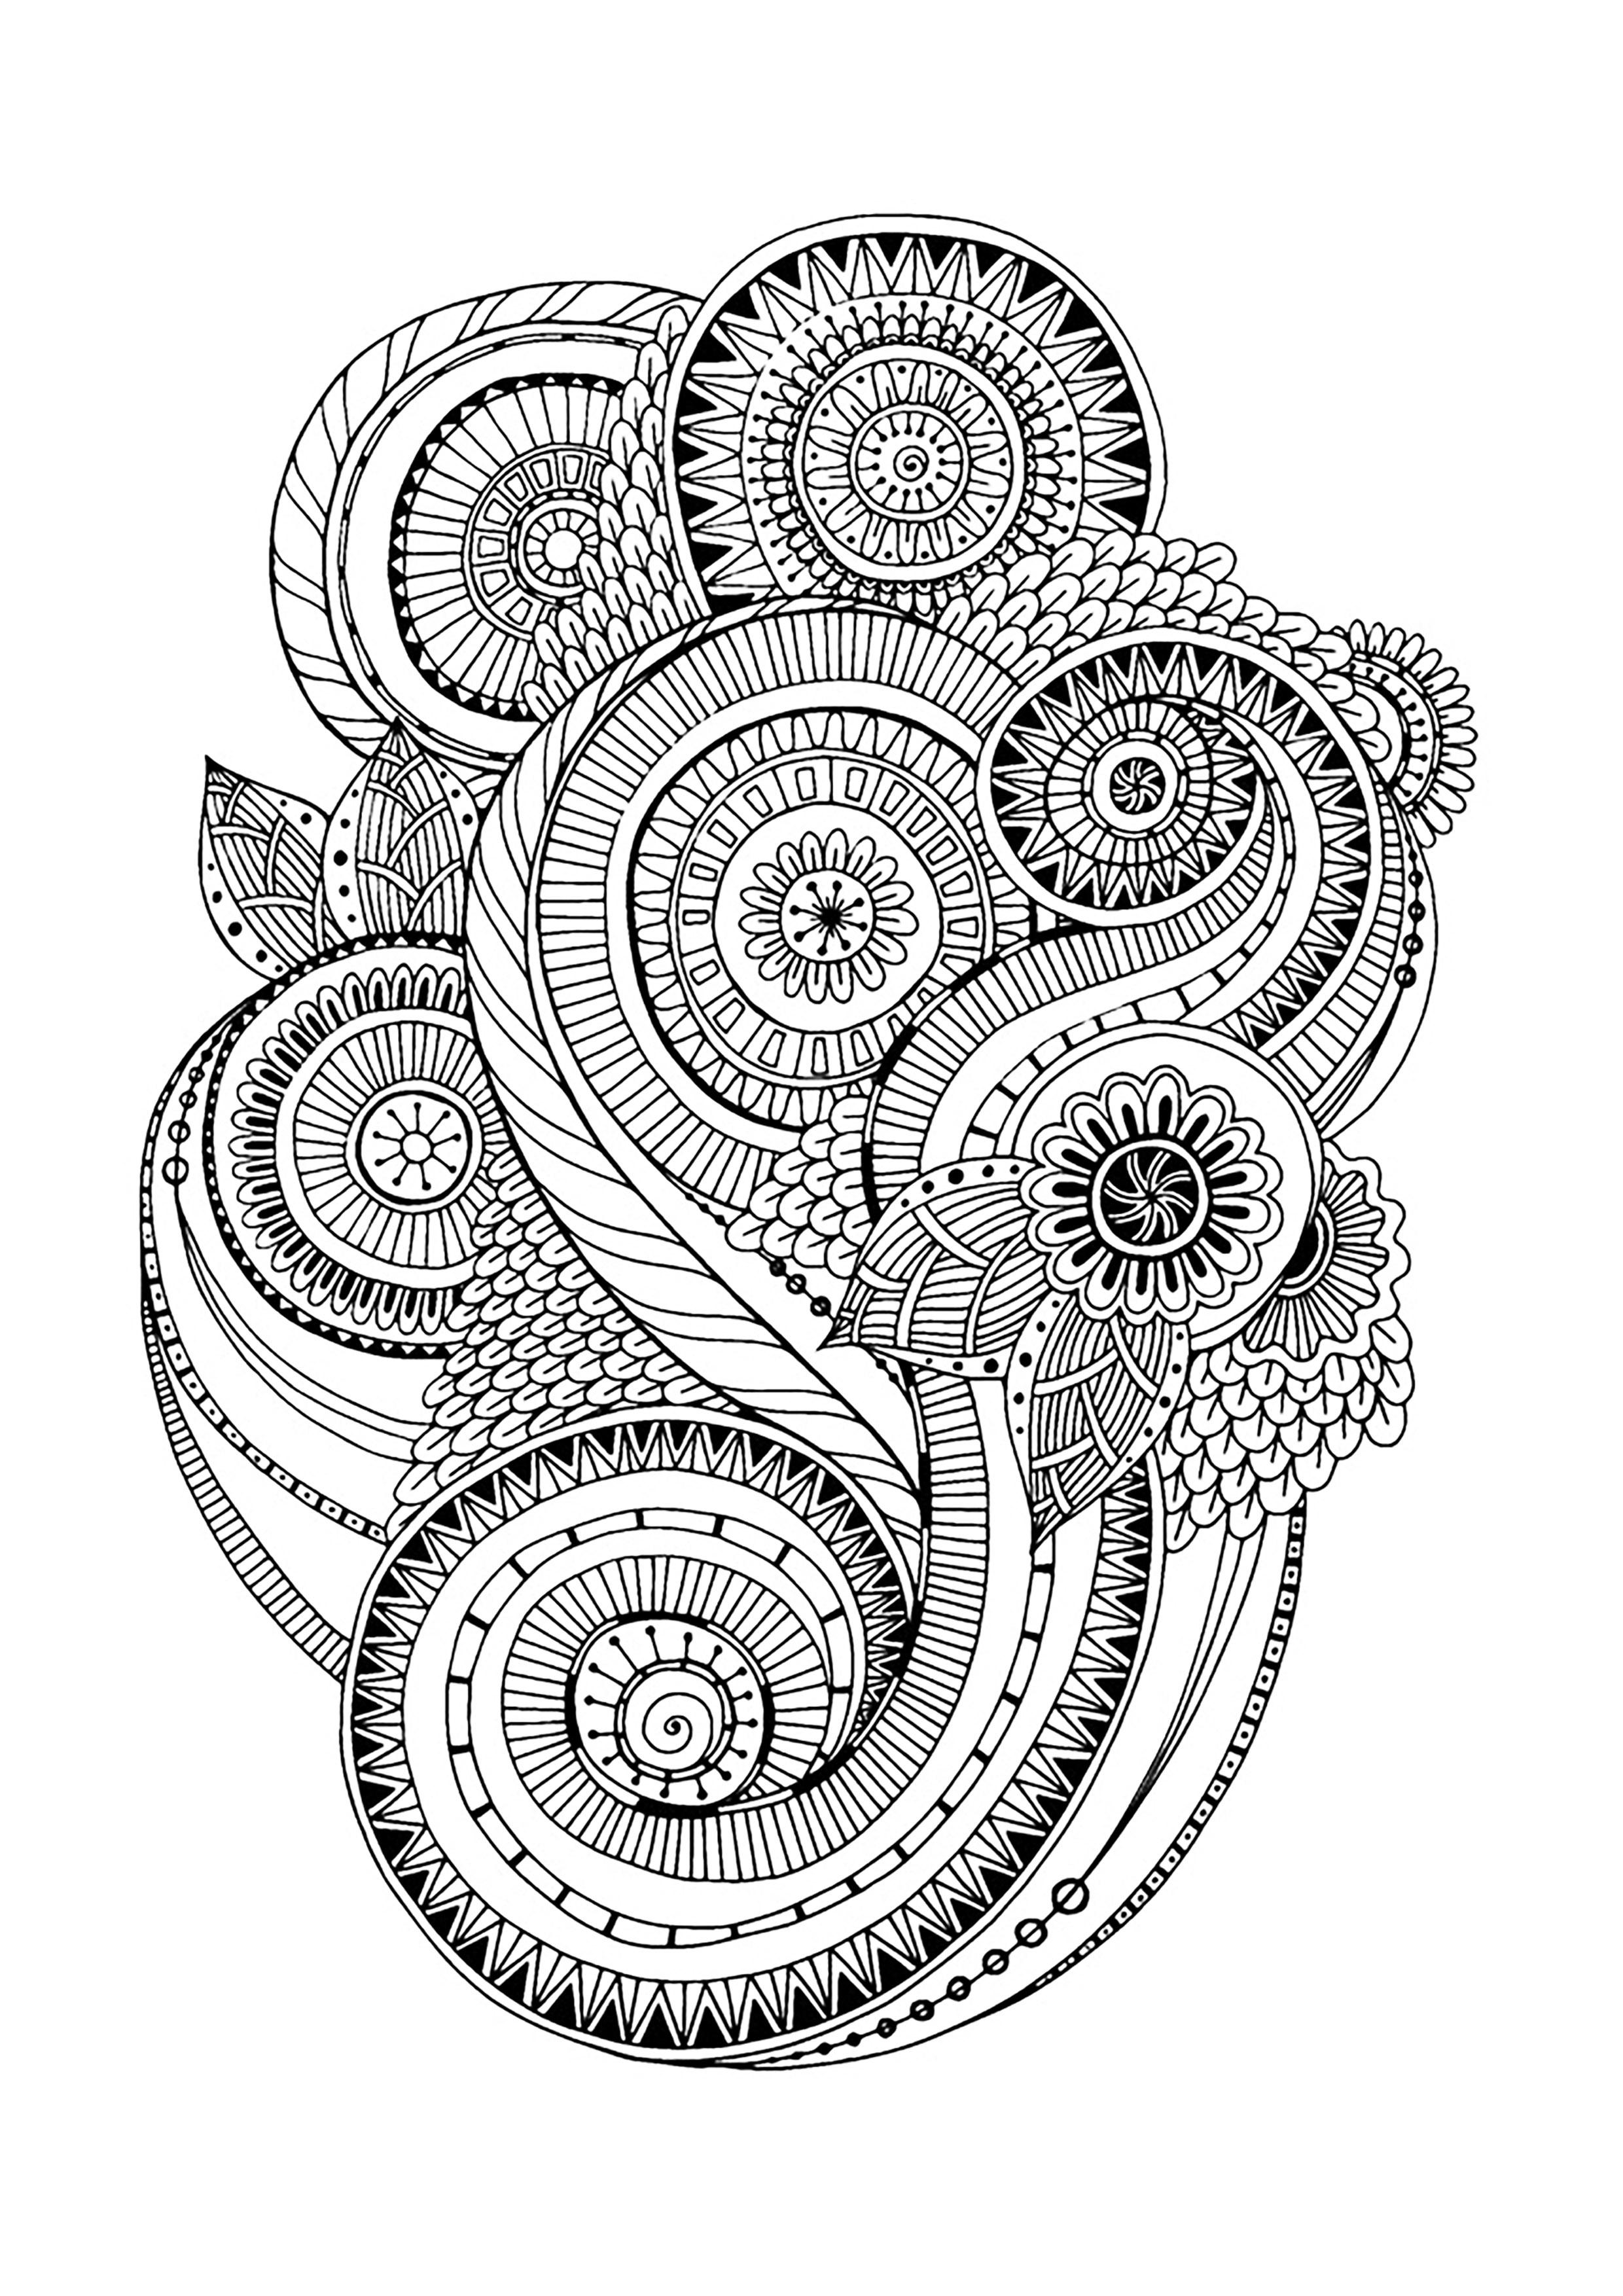 Zen antistress motif abstrait inspiration florale 2 anti stress art th rapie coloriages - Dessin anti stresse ...